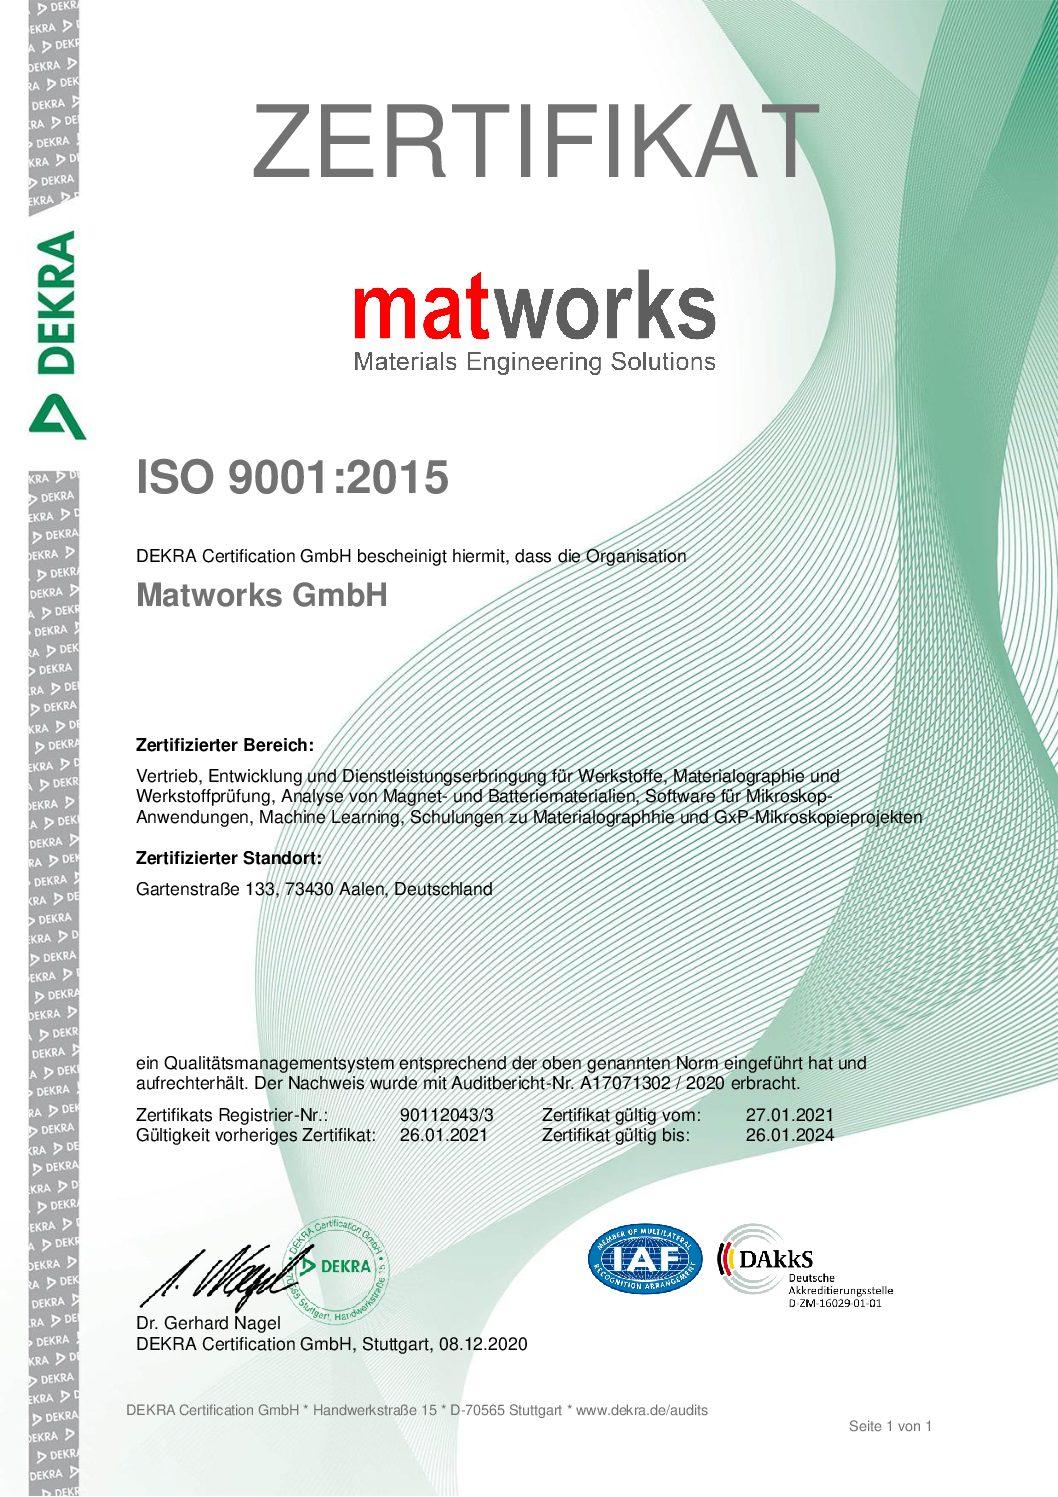 Erfolgreiche Re-Zertifizierung nach ISO 9001:2015 und Ausdehnung auf strategische Bereiche